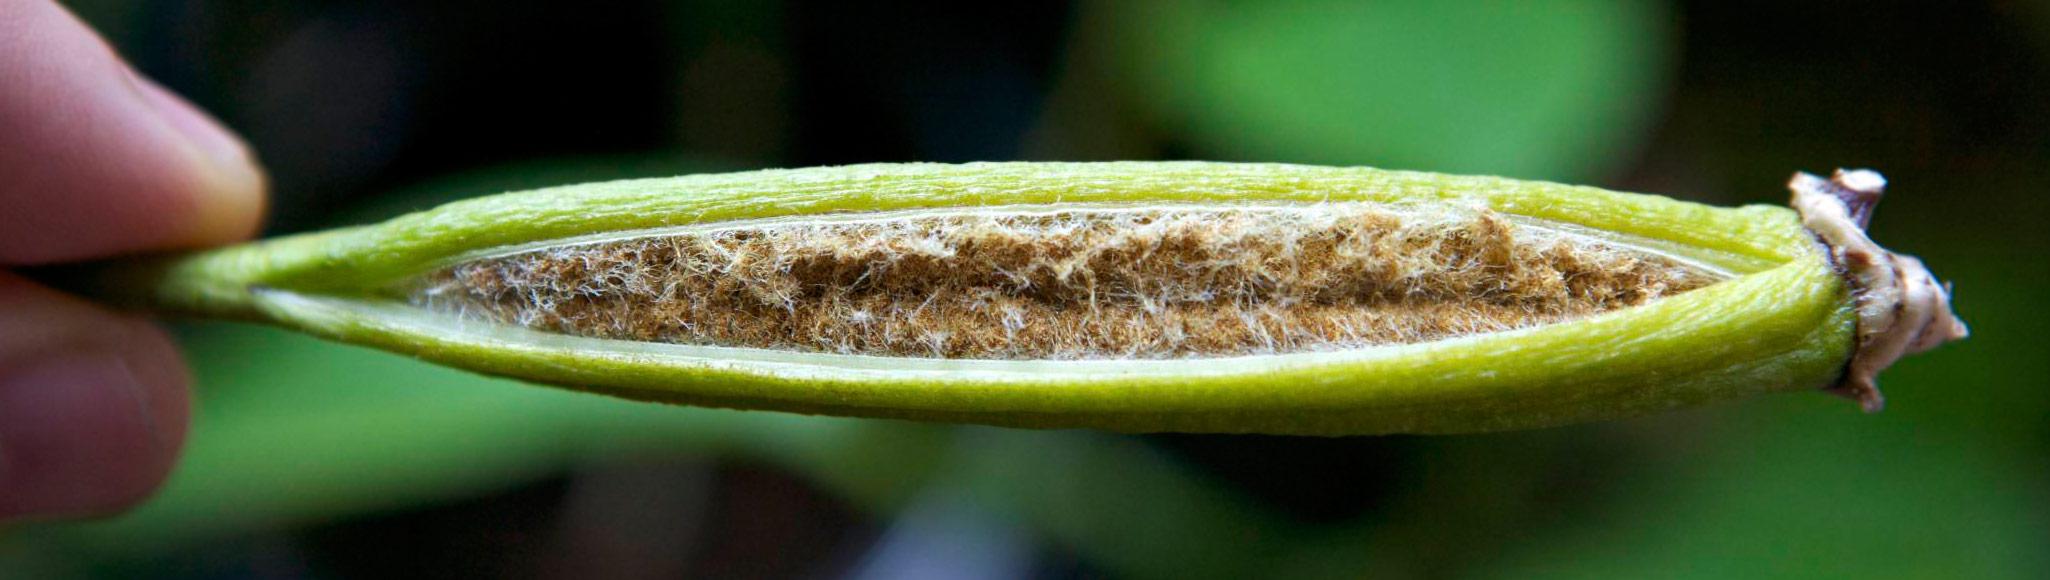 Plantgasm Phalaenopsis Seed Pod Opened